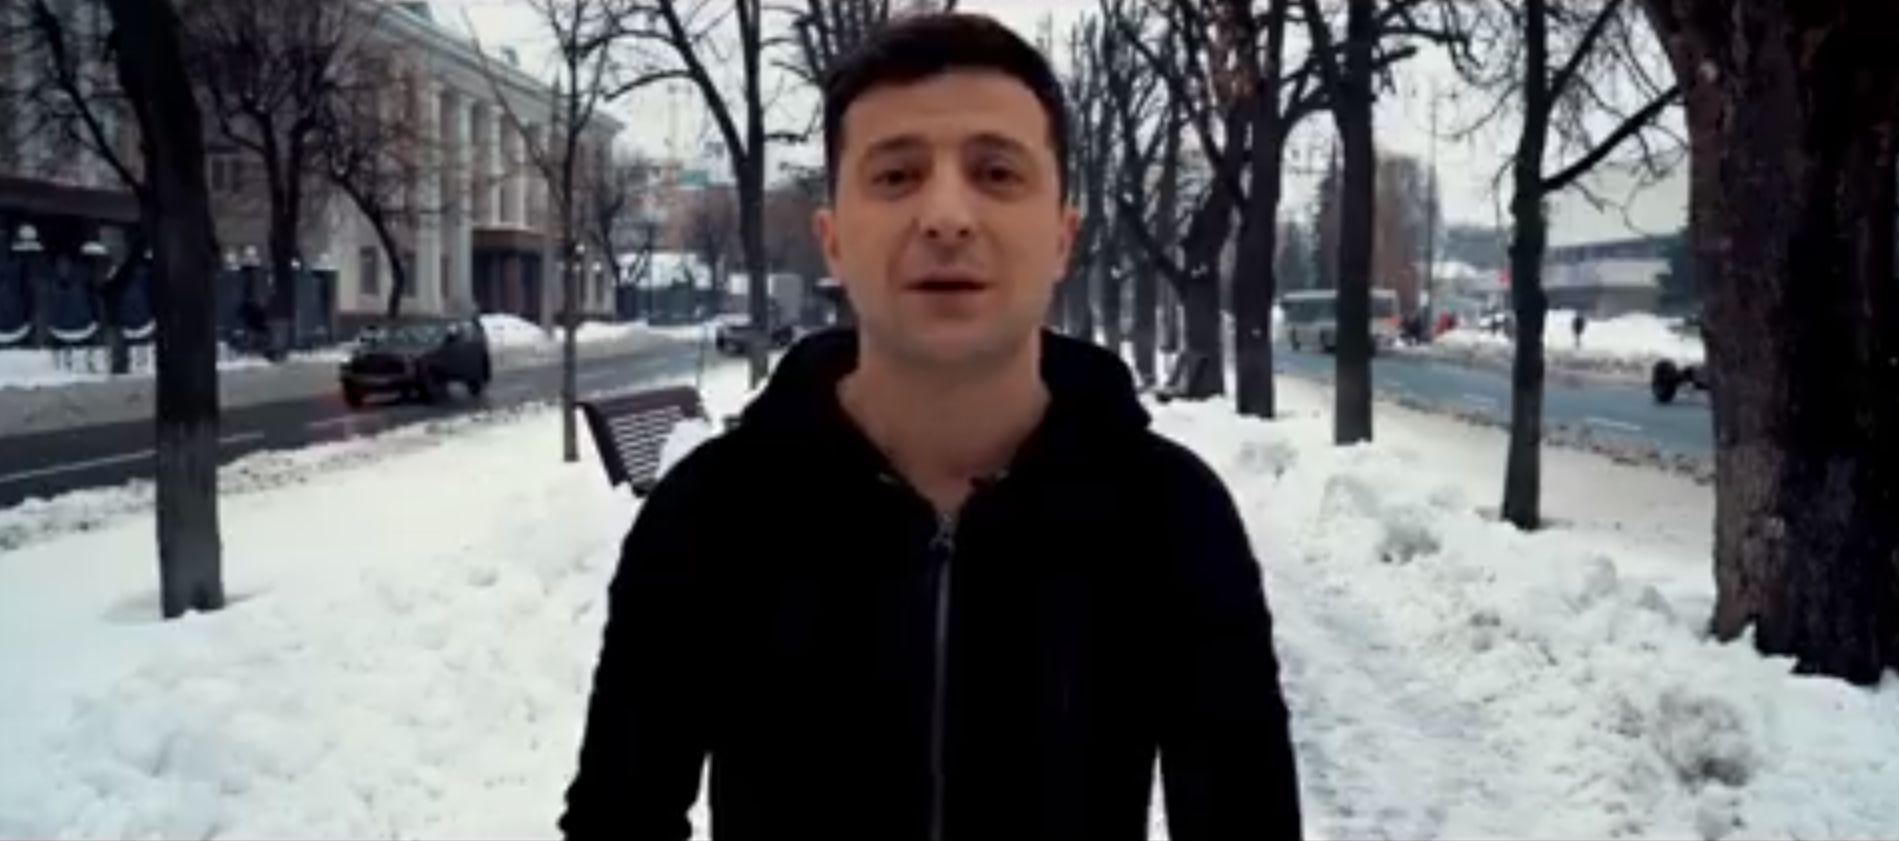 Зеленский запустил сайт, на котором собирает команду, и там уже более 9 тысяч заявок